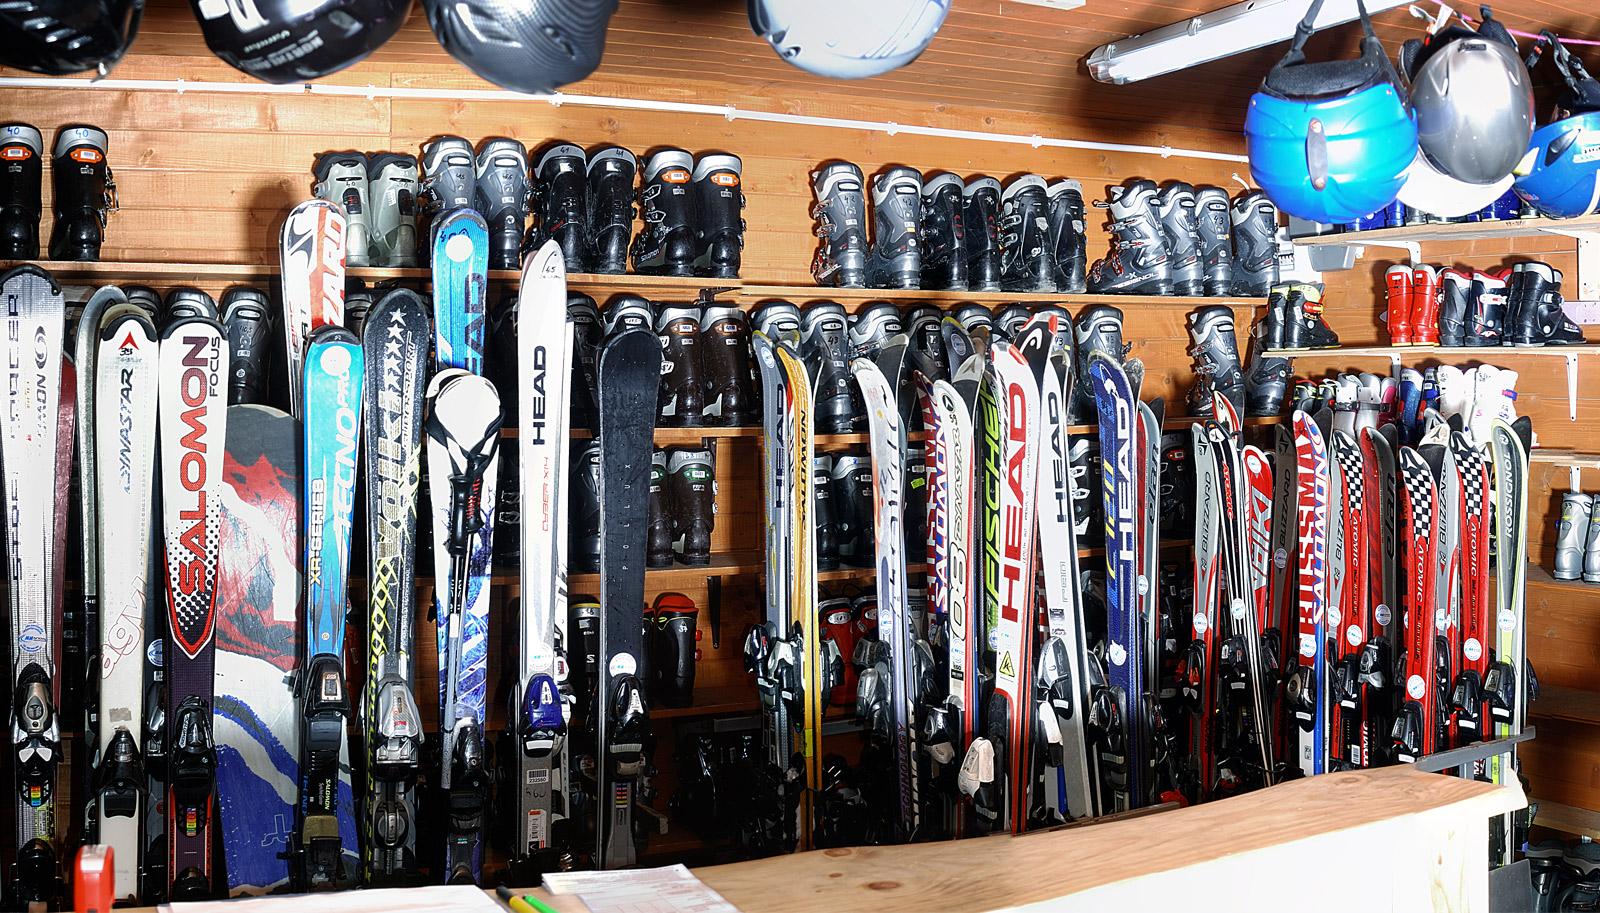 wypozyczalnia-narciarska-wisla-mmsnow